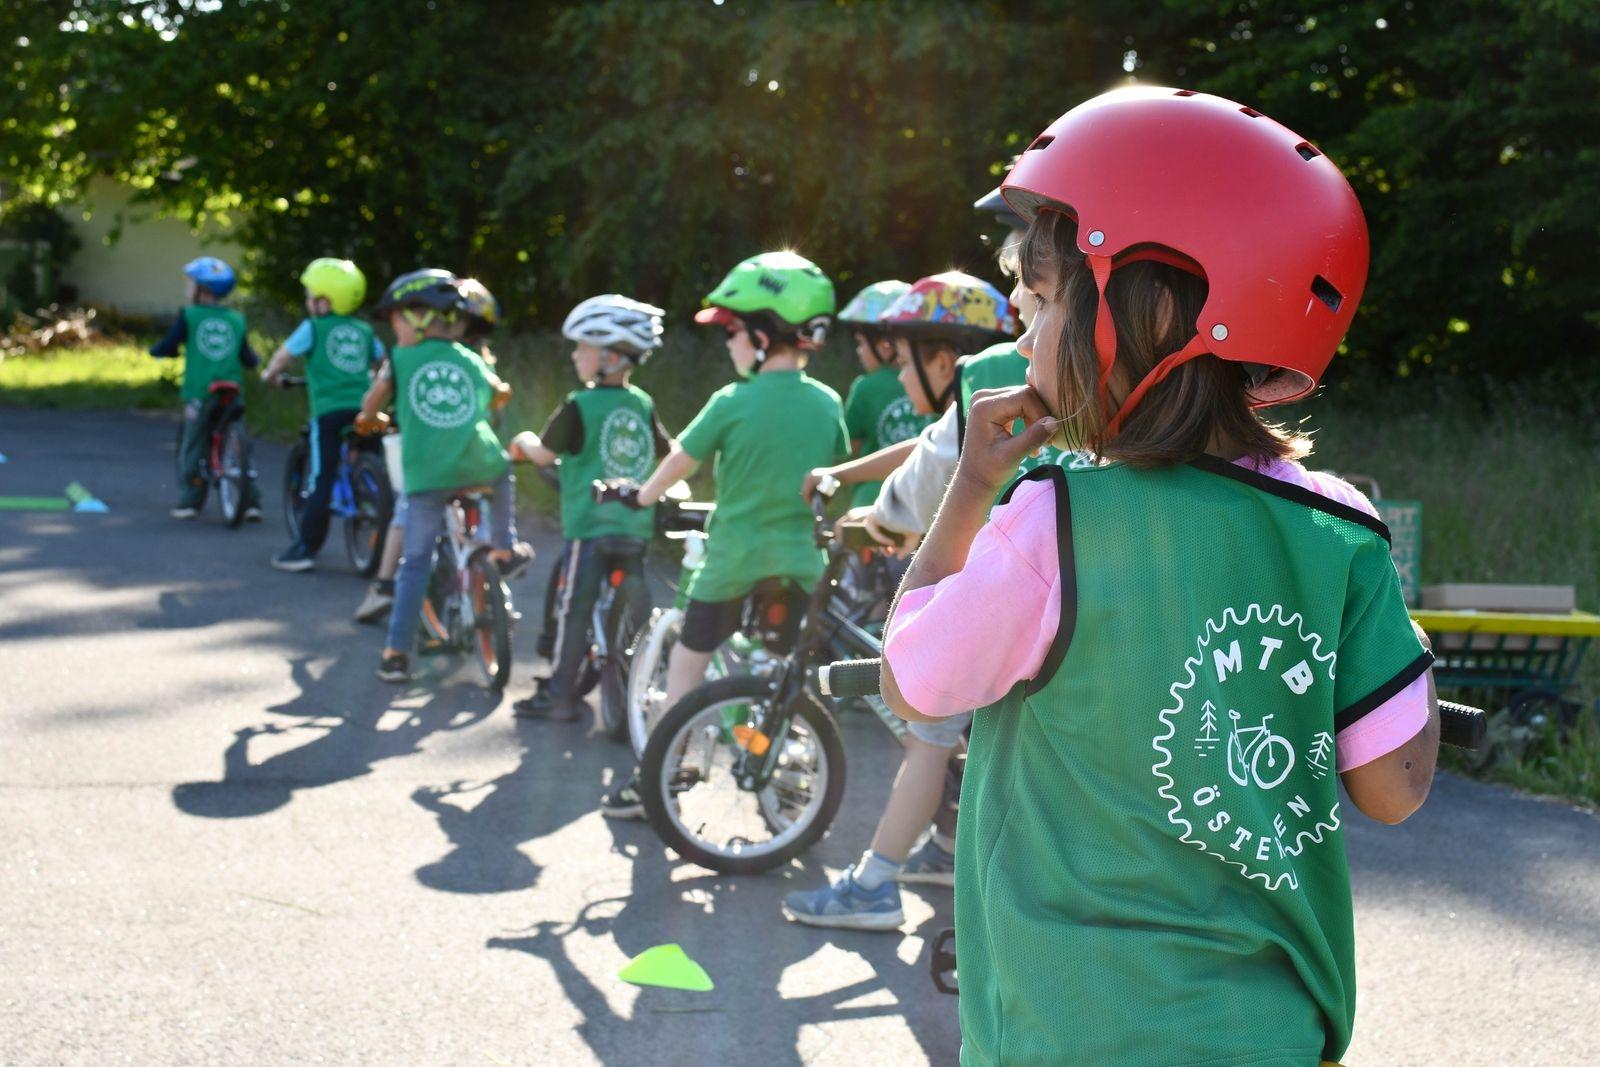 Intresset för cykelklubbens MTB-skola var stort redan från start och under våren har den engagerat omkring fyrtio deltagare i olika åldrar.